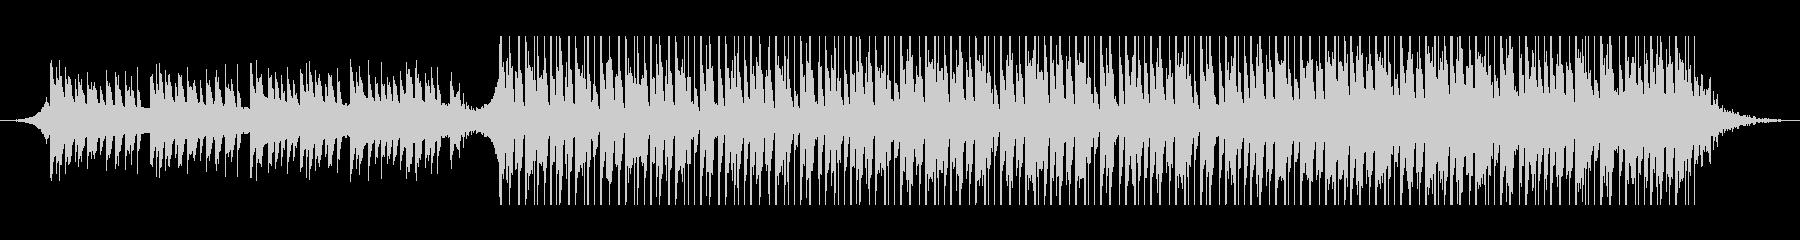 アラビア語(90秒)の未再生の波形